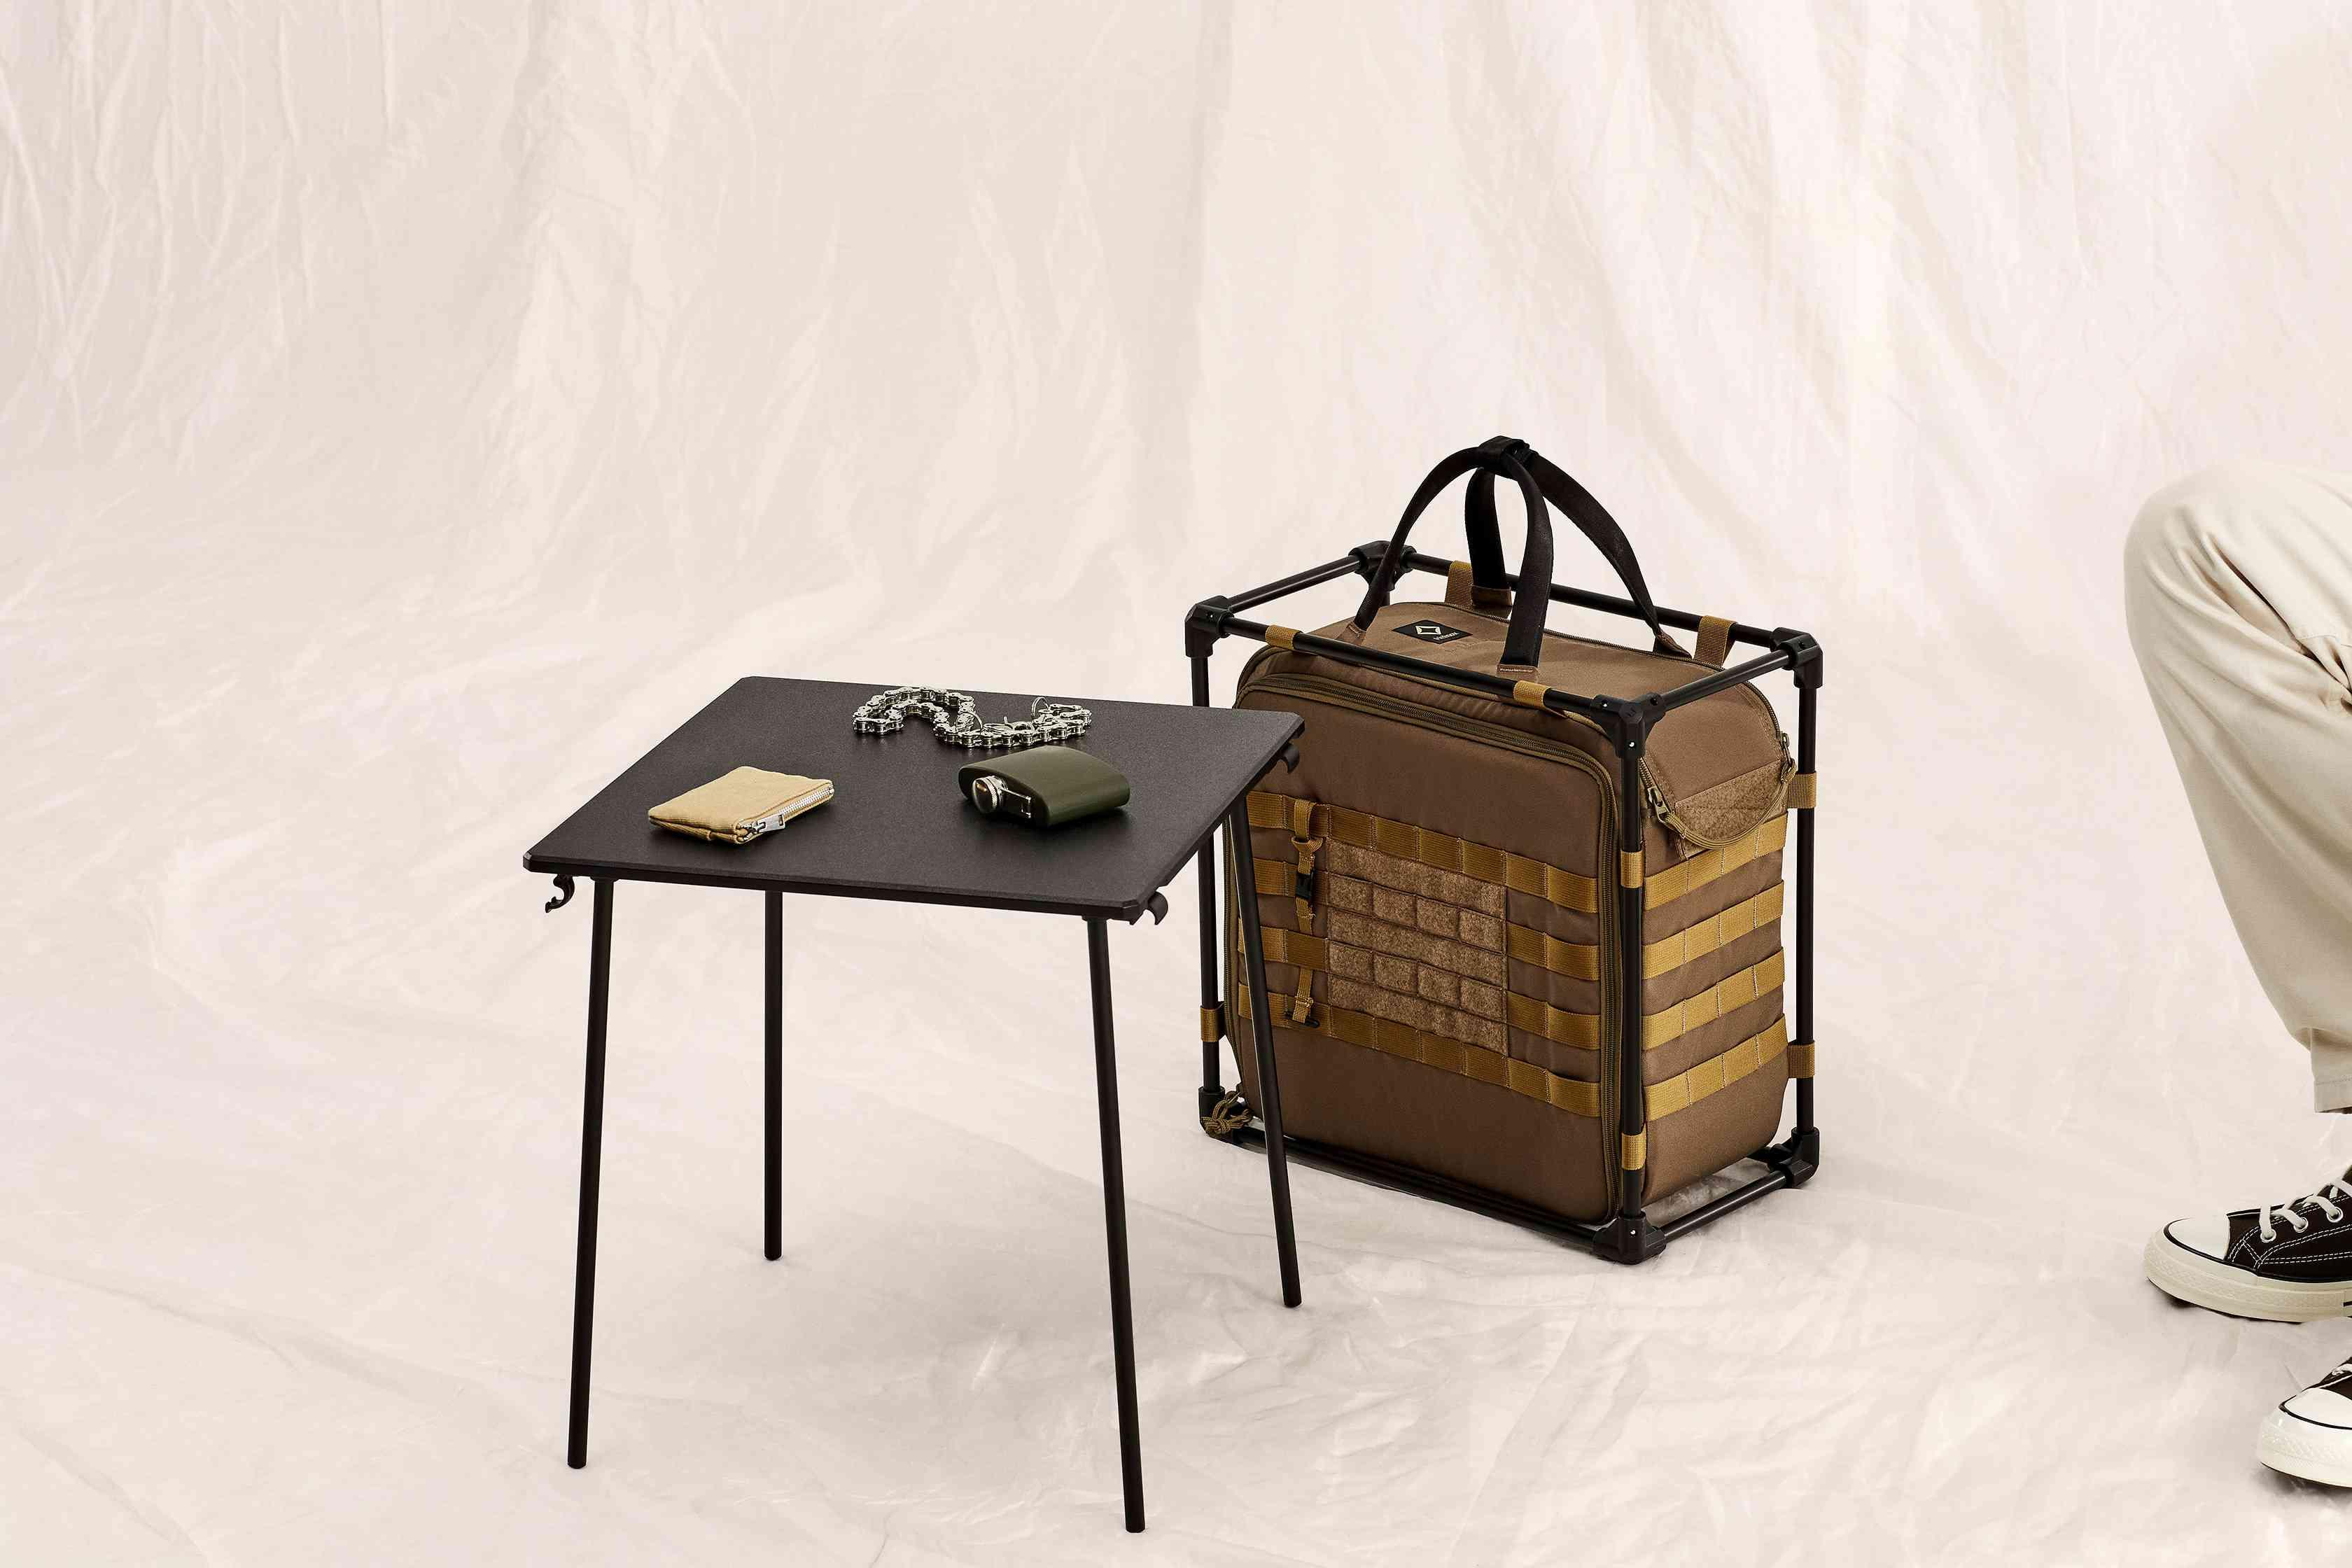 helinox desk separated